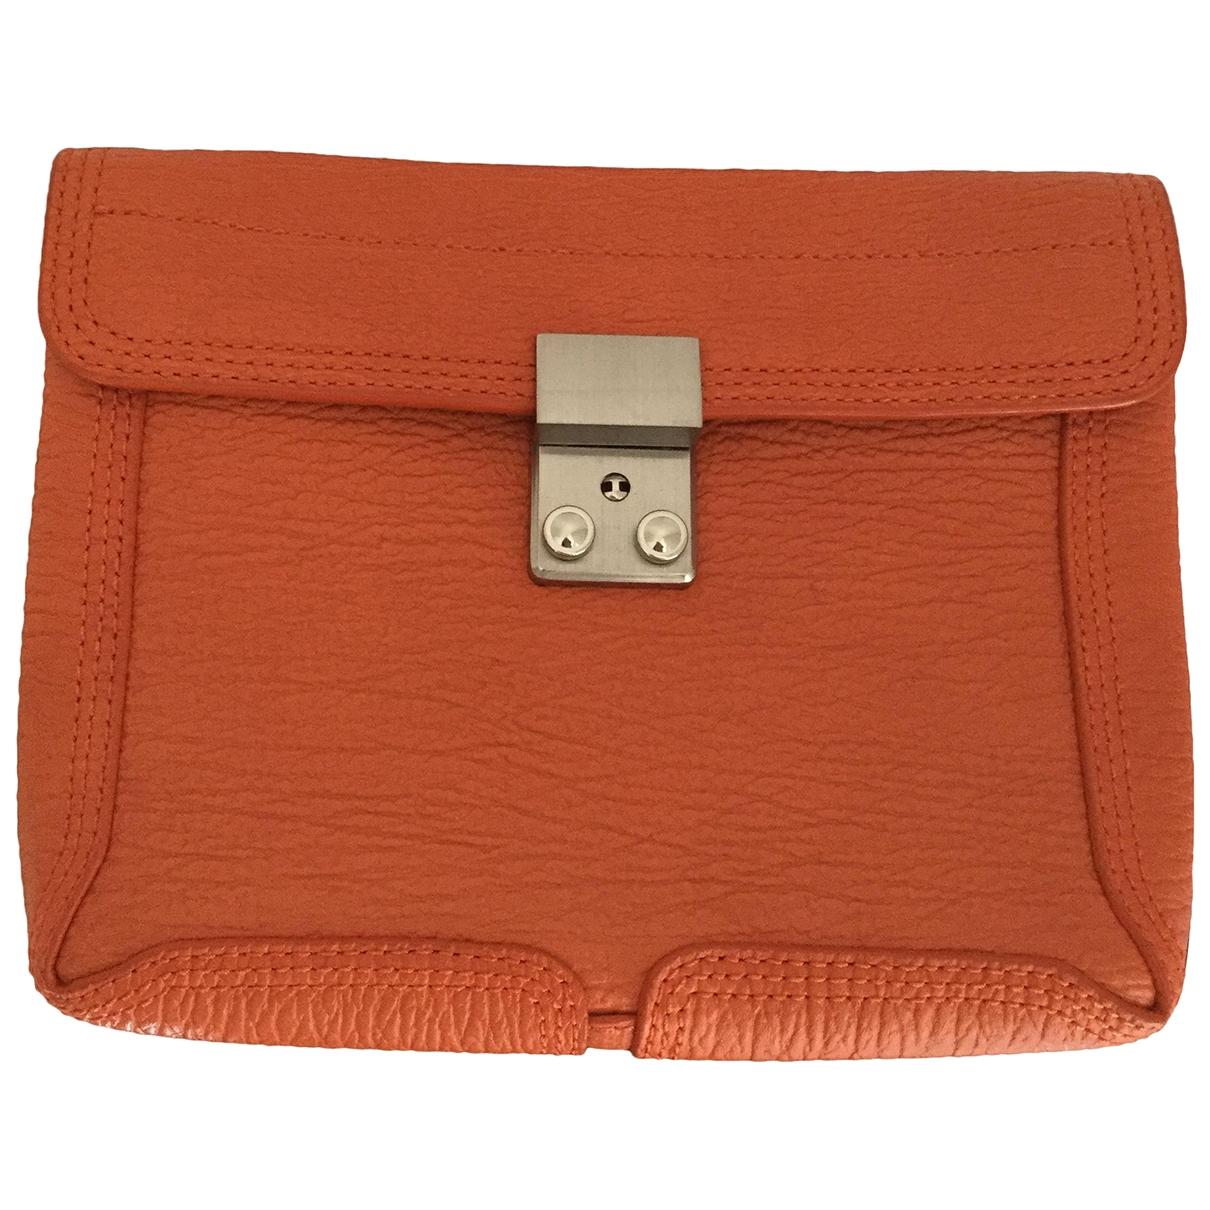 3.1 Phillip Lim - Pochette Pashli pour femme en cuir - orange